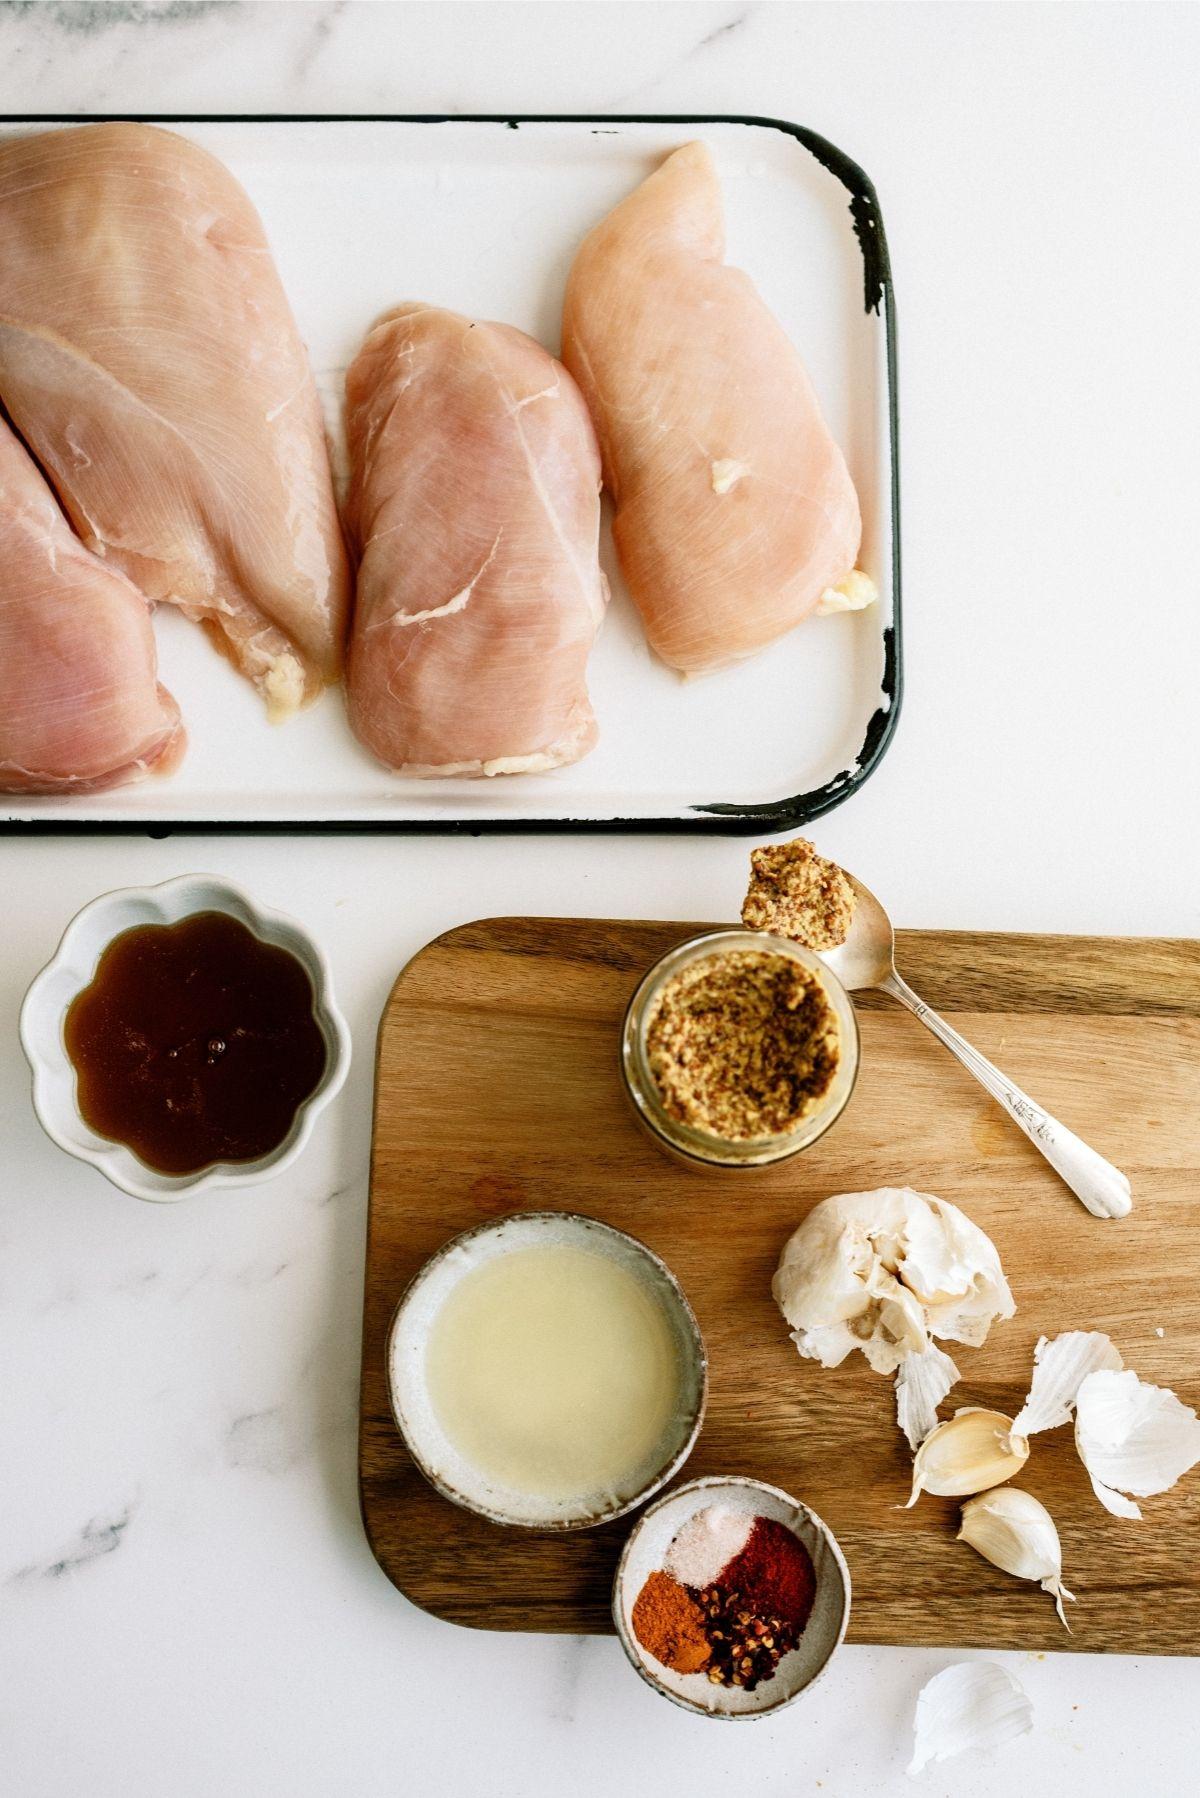 Ingredients for Grilled Honey Mustard Chicken